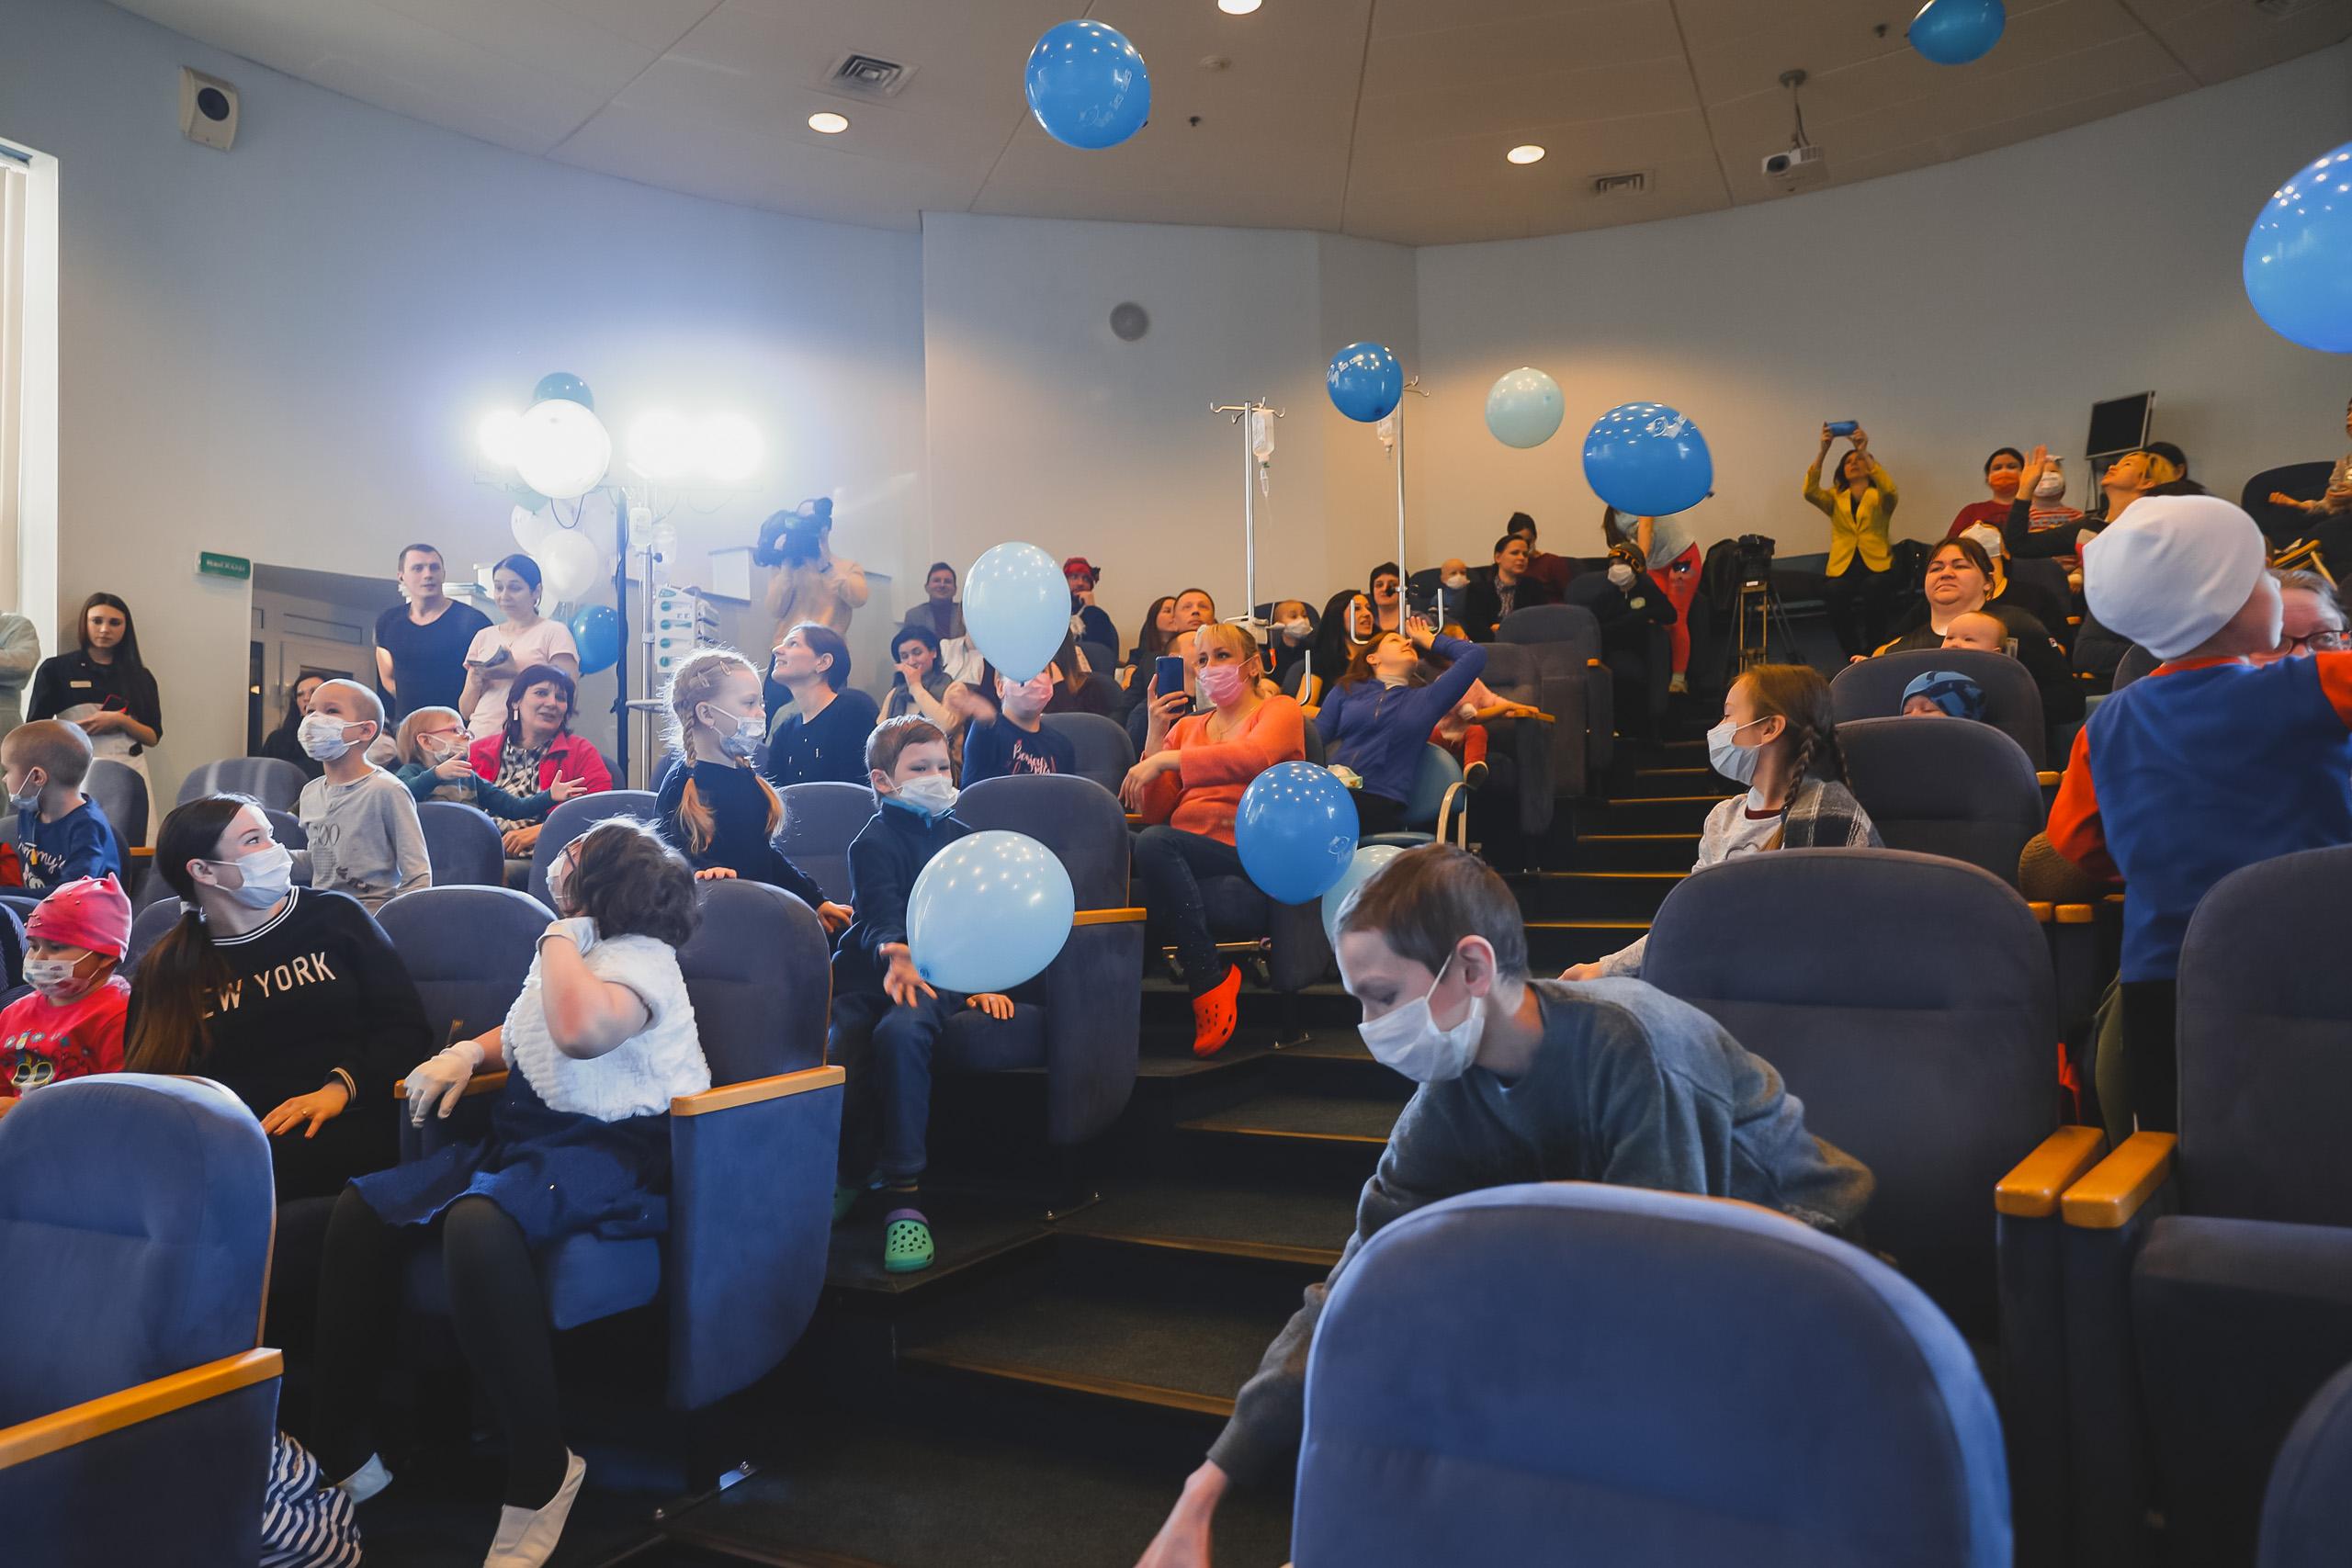 НИИ детской онкологии в Санкт-Петербурге впервые стал участником программы «Мир без слез»